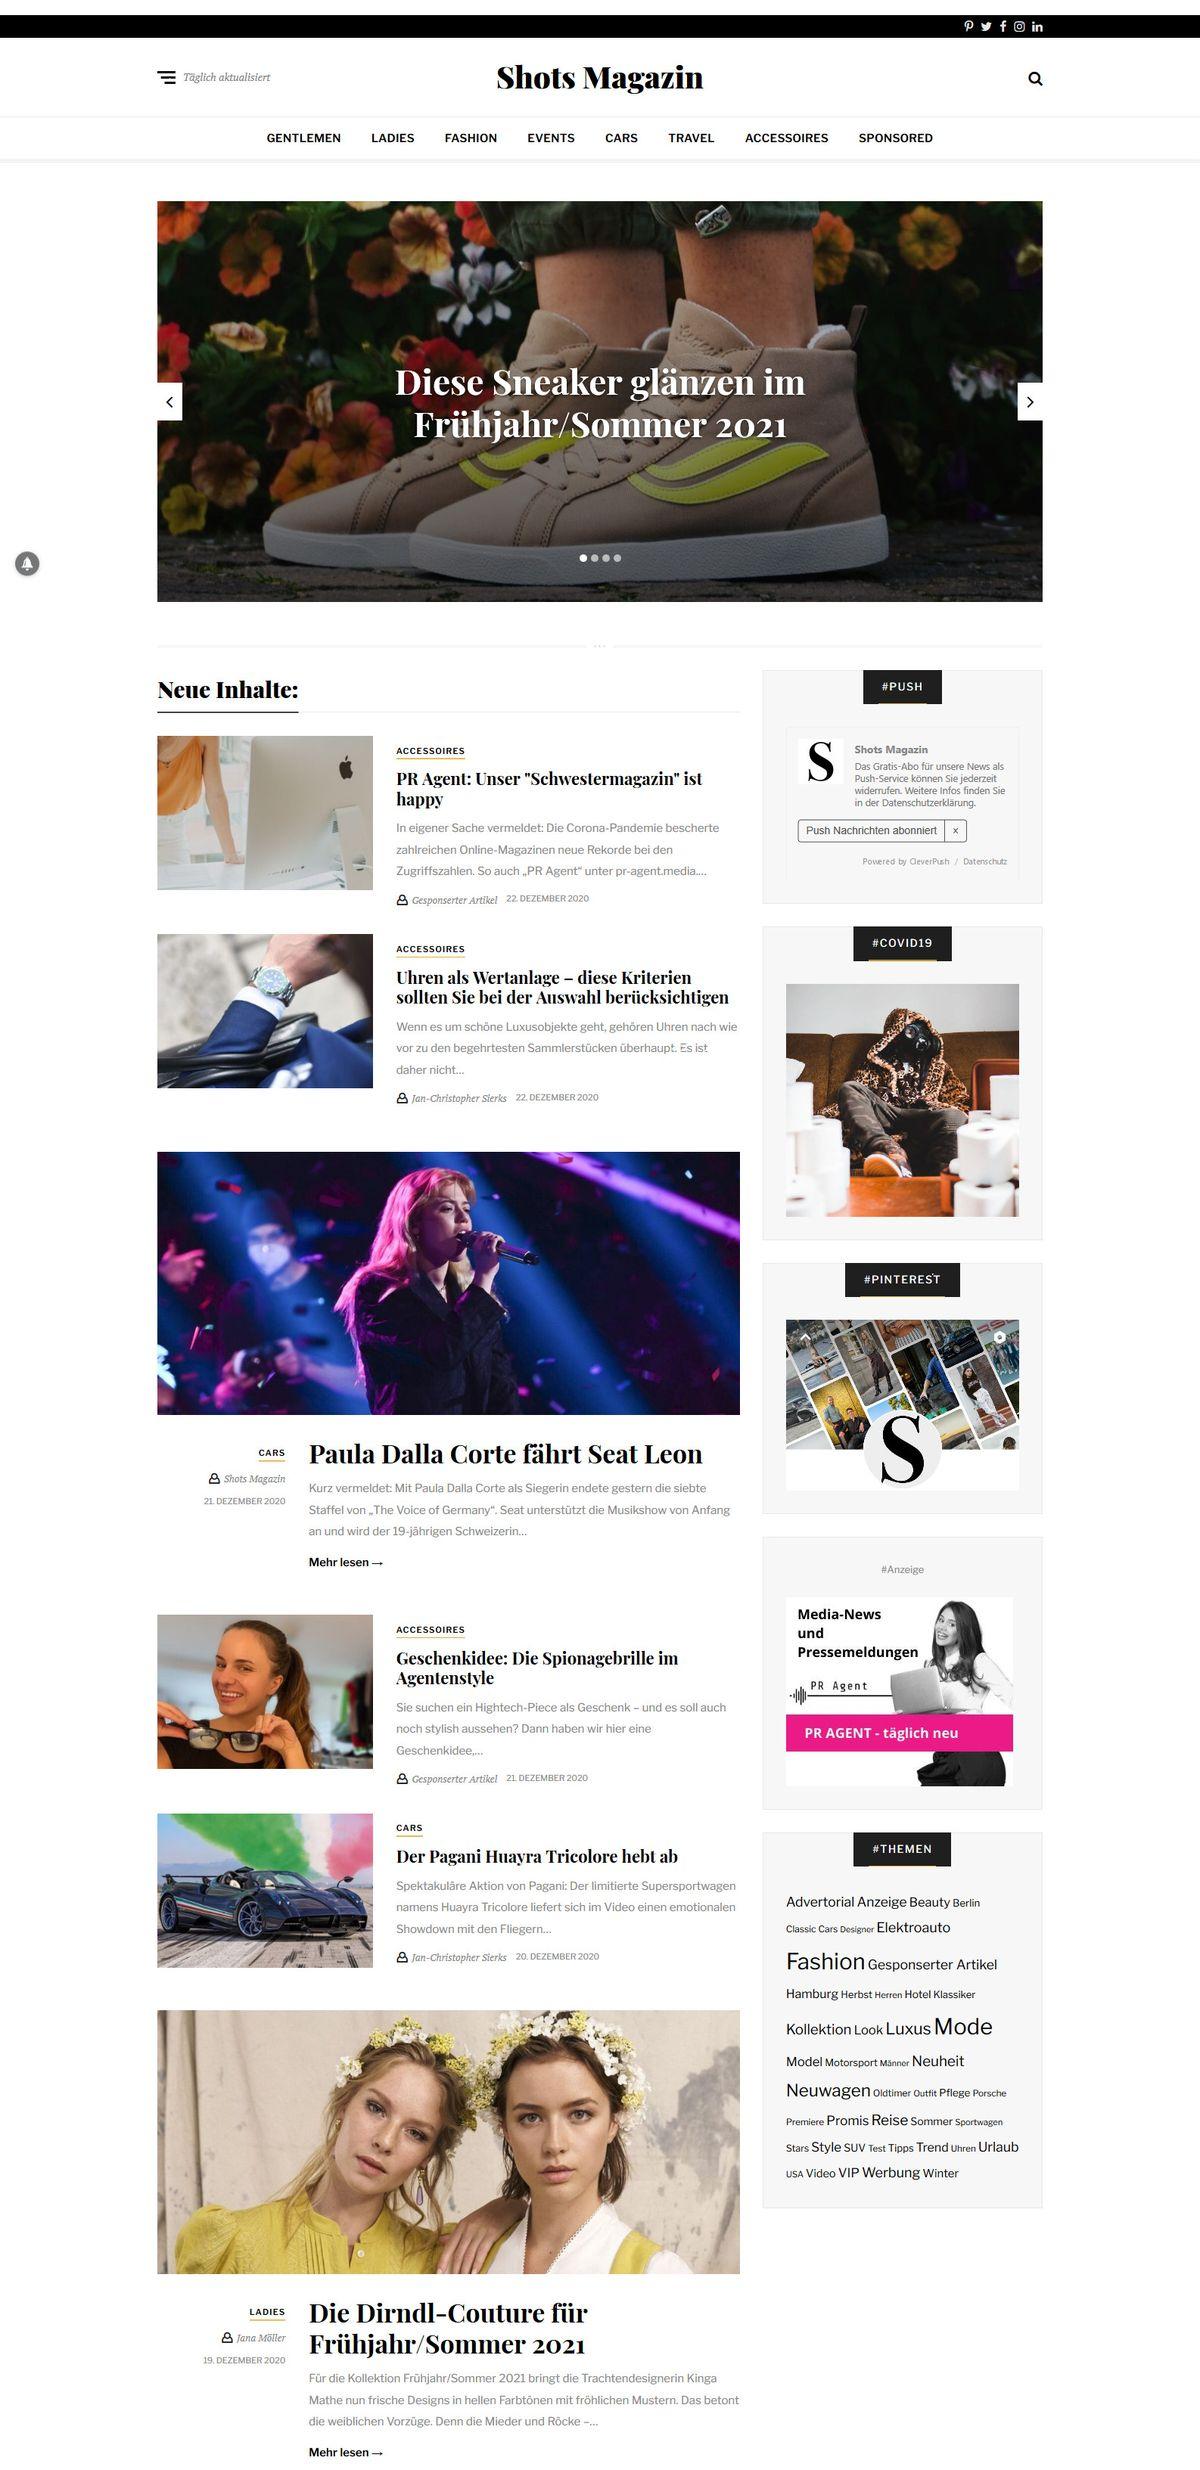 Coronakrise: Shots Magazin weiterhin mit reduzierten Online-Advertorials